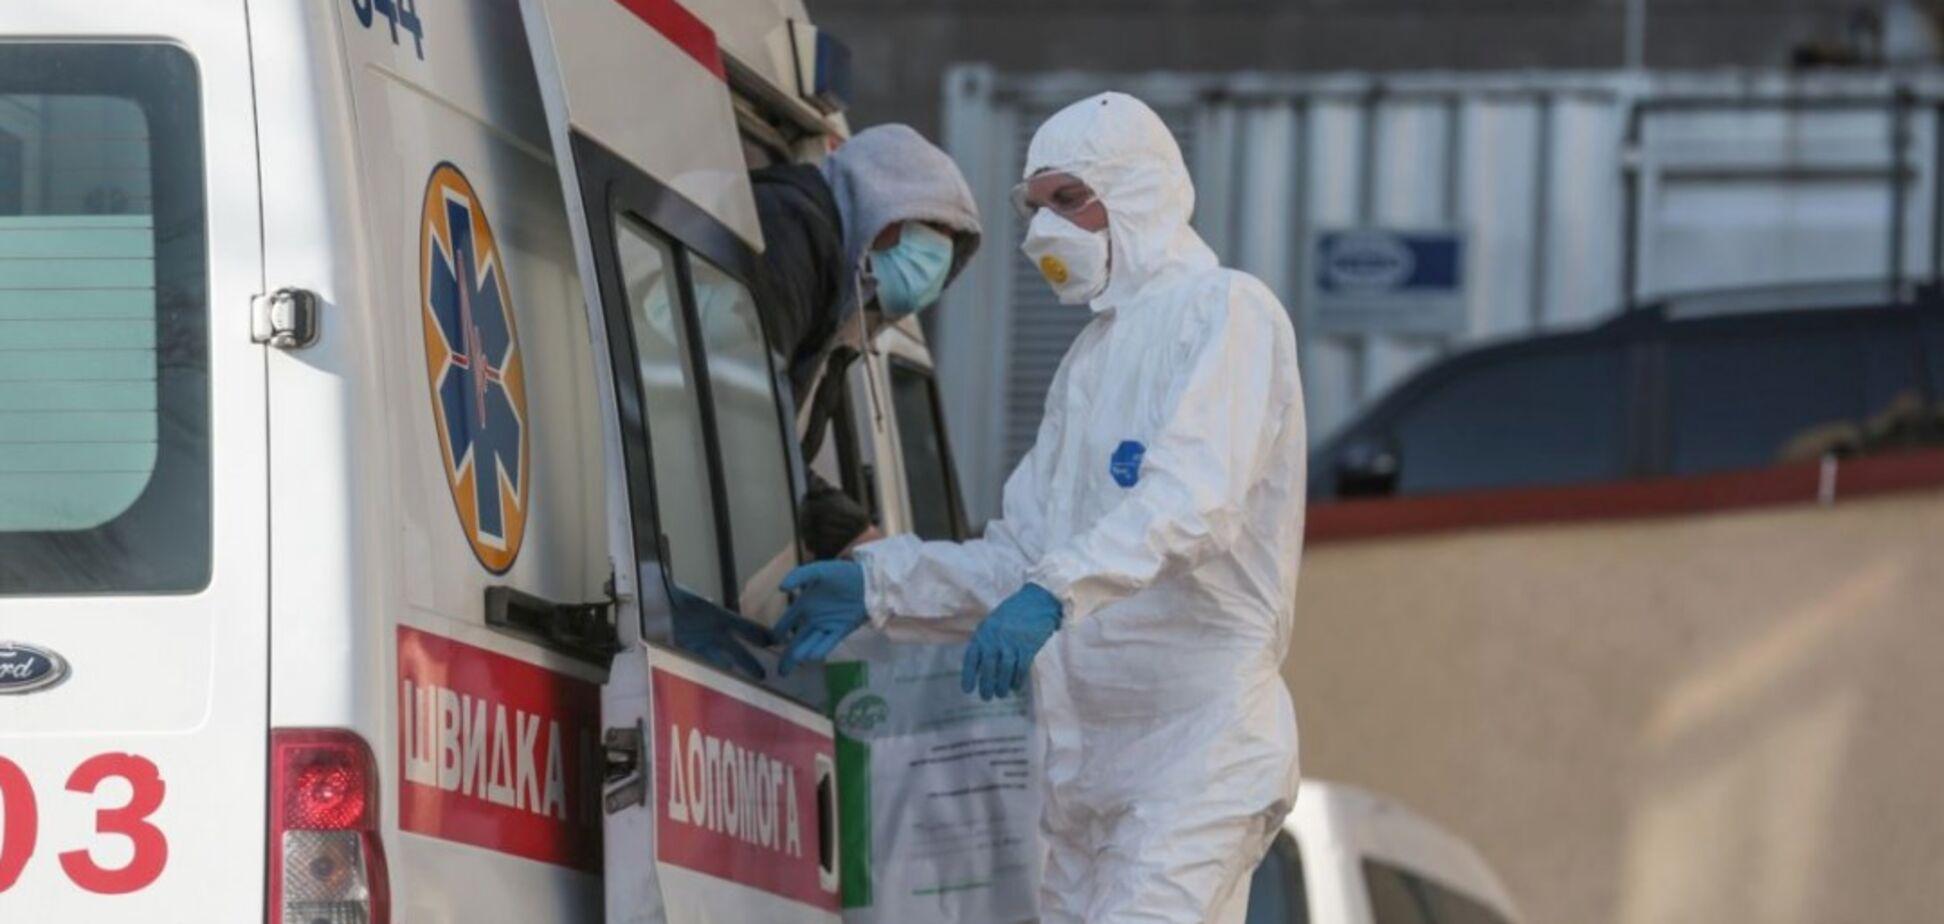 Пік коронавірусу в Україні зміститься: науковці КПІ проаналізували поширення епідемії